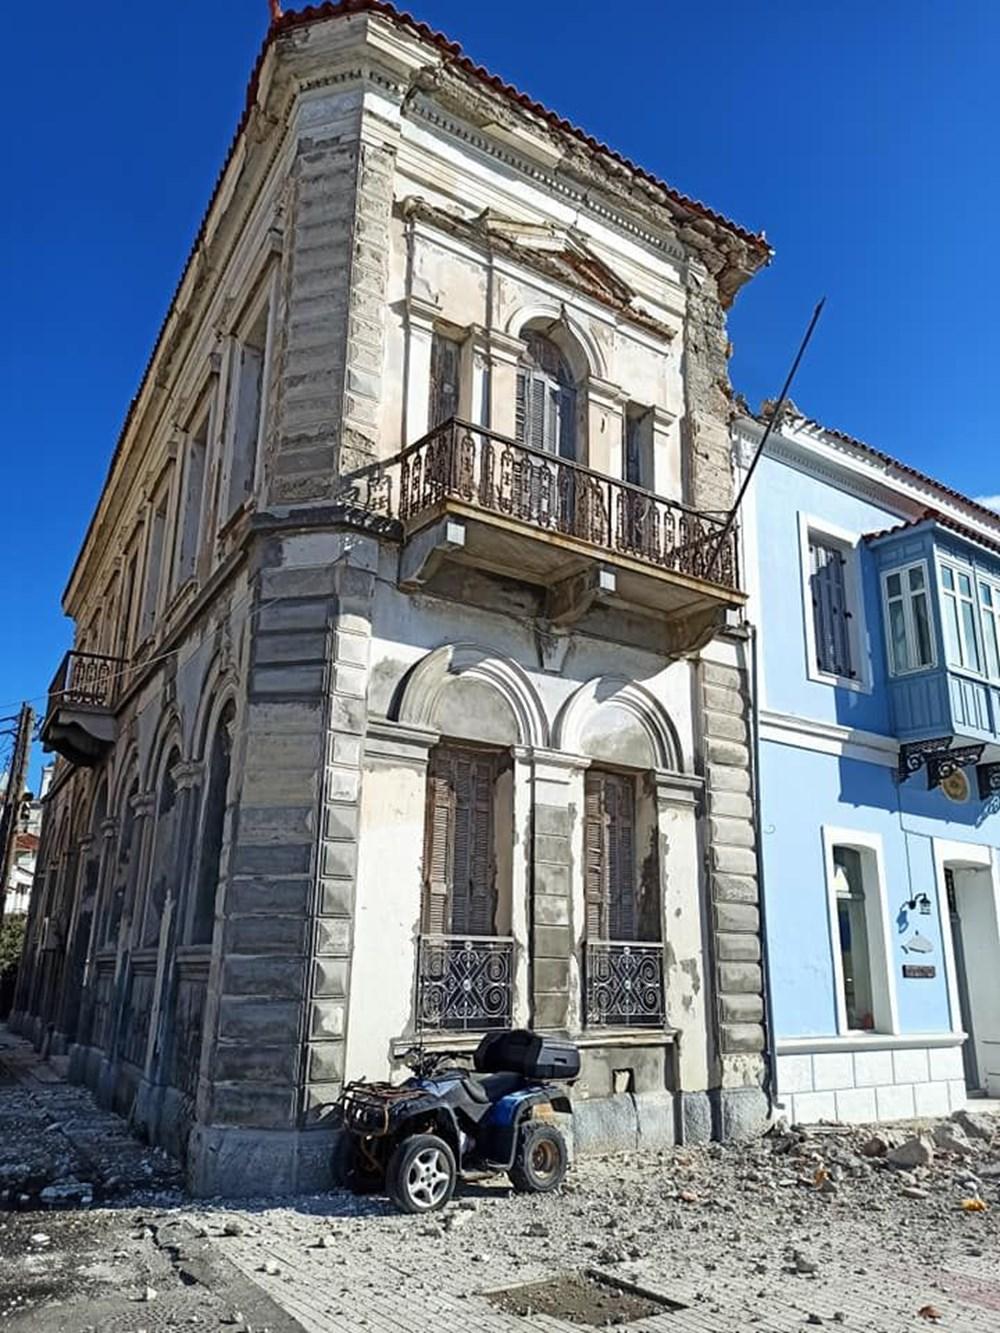 İzmir depremi Yunan adası Sisam'ı da vurdu: 2 çocuk yaşamını yitirdi - 6